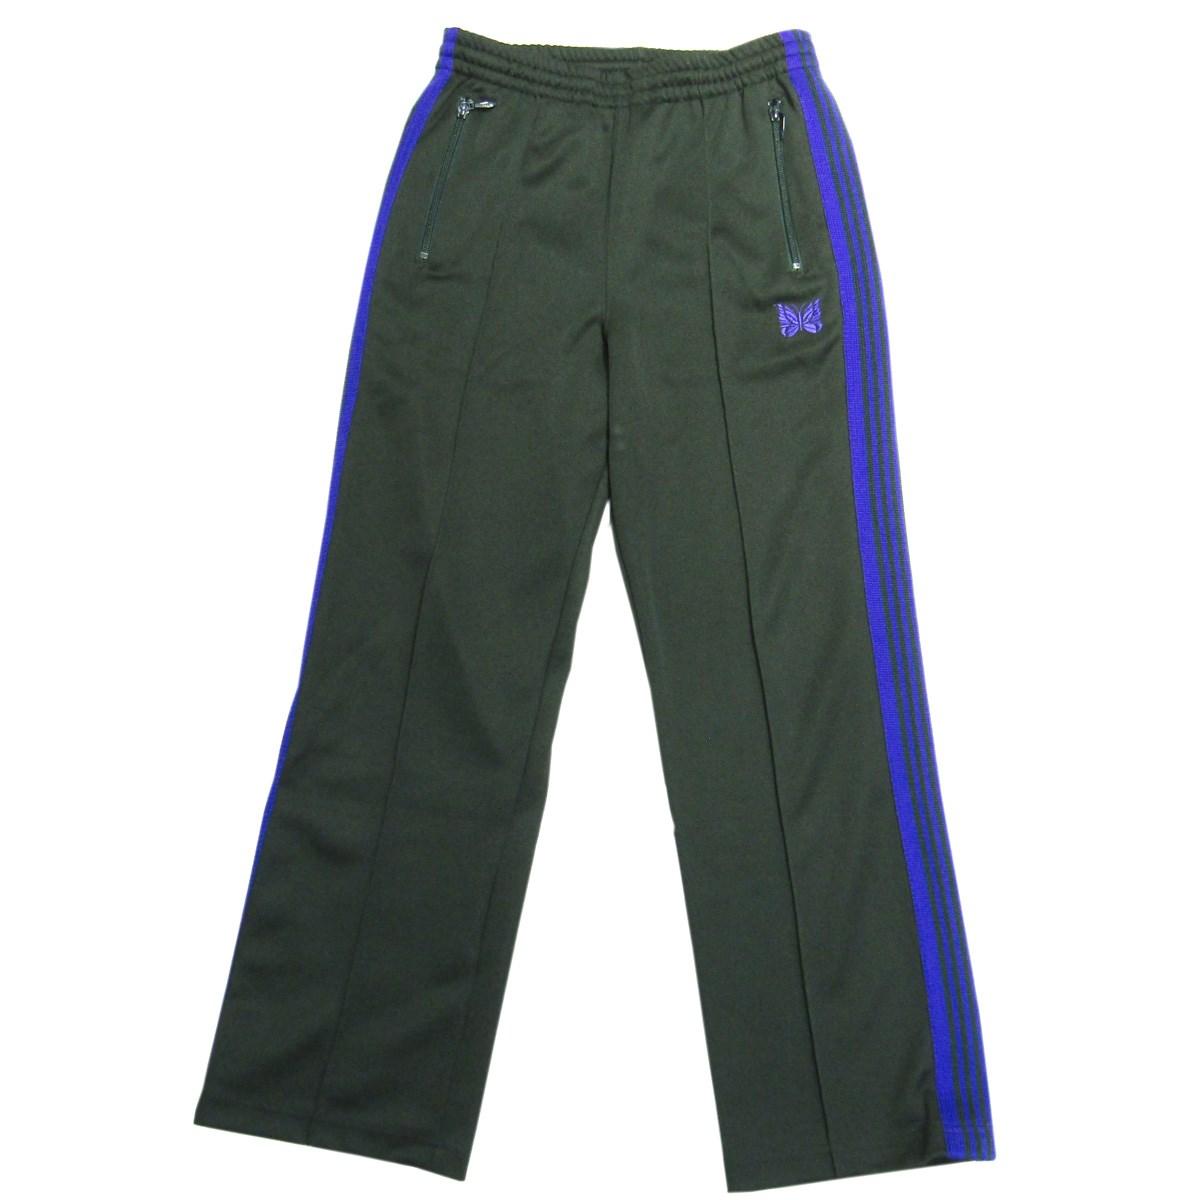 【中古】Needles TRACK PANTS サイドライントラックパンツ グリーン×パープル サイズ:XS 【100720】(ニードルス)